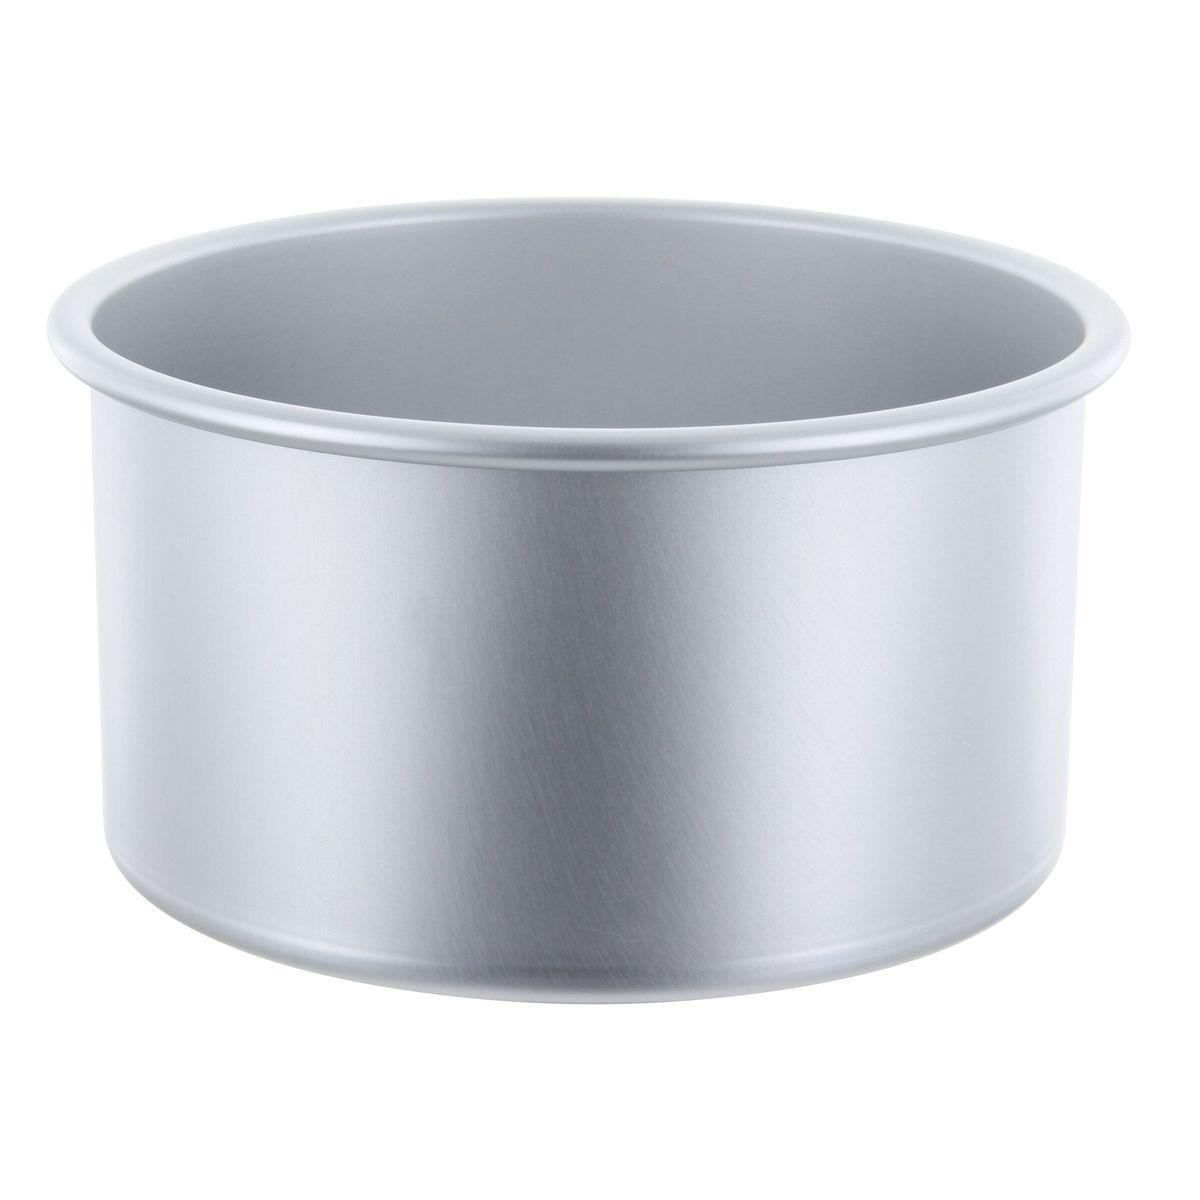 Moule à bords hauts en aluminium 10 x 18 cm - Patisdecor